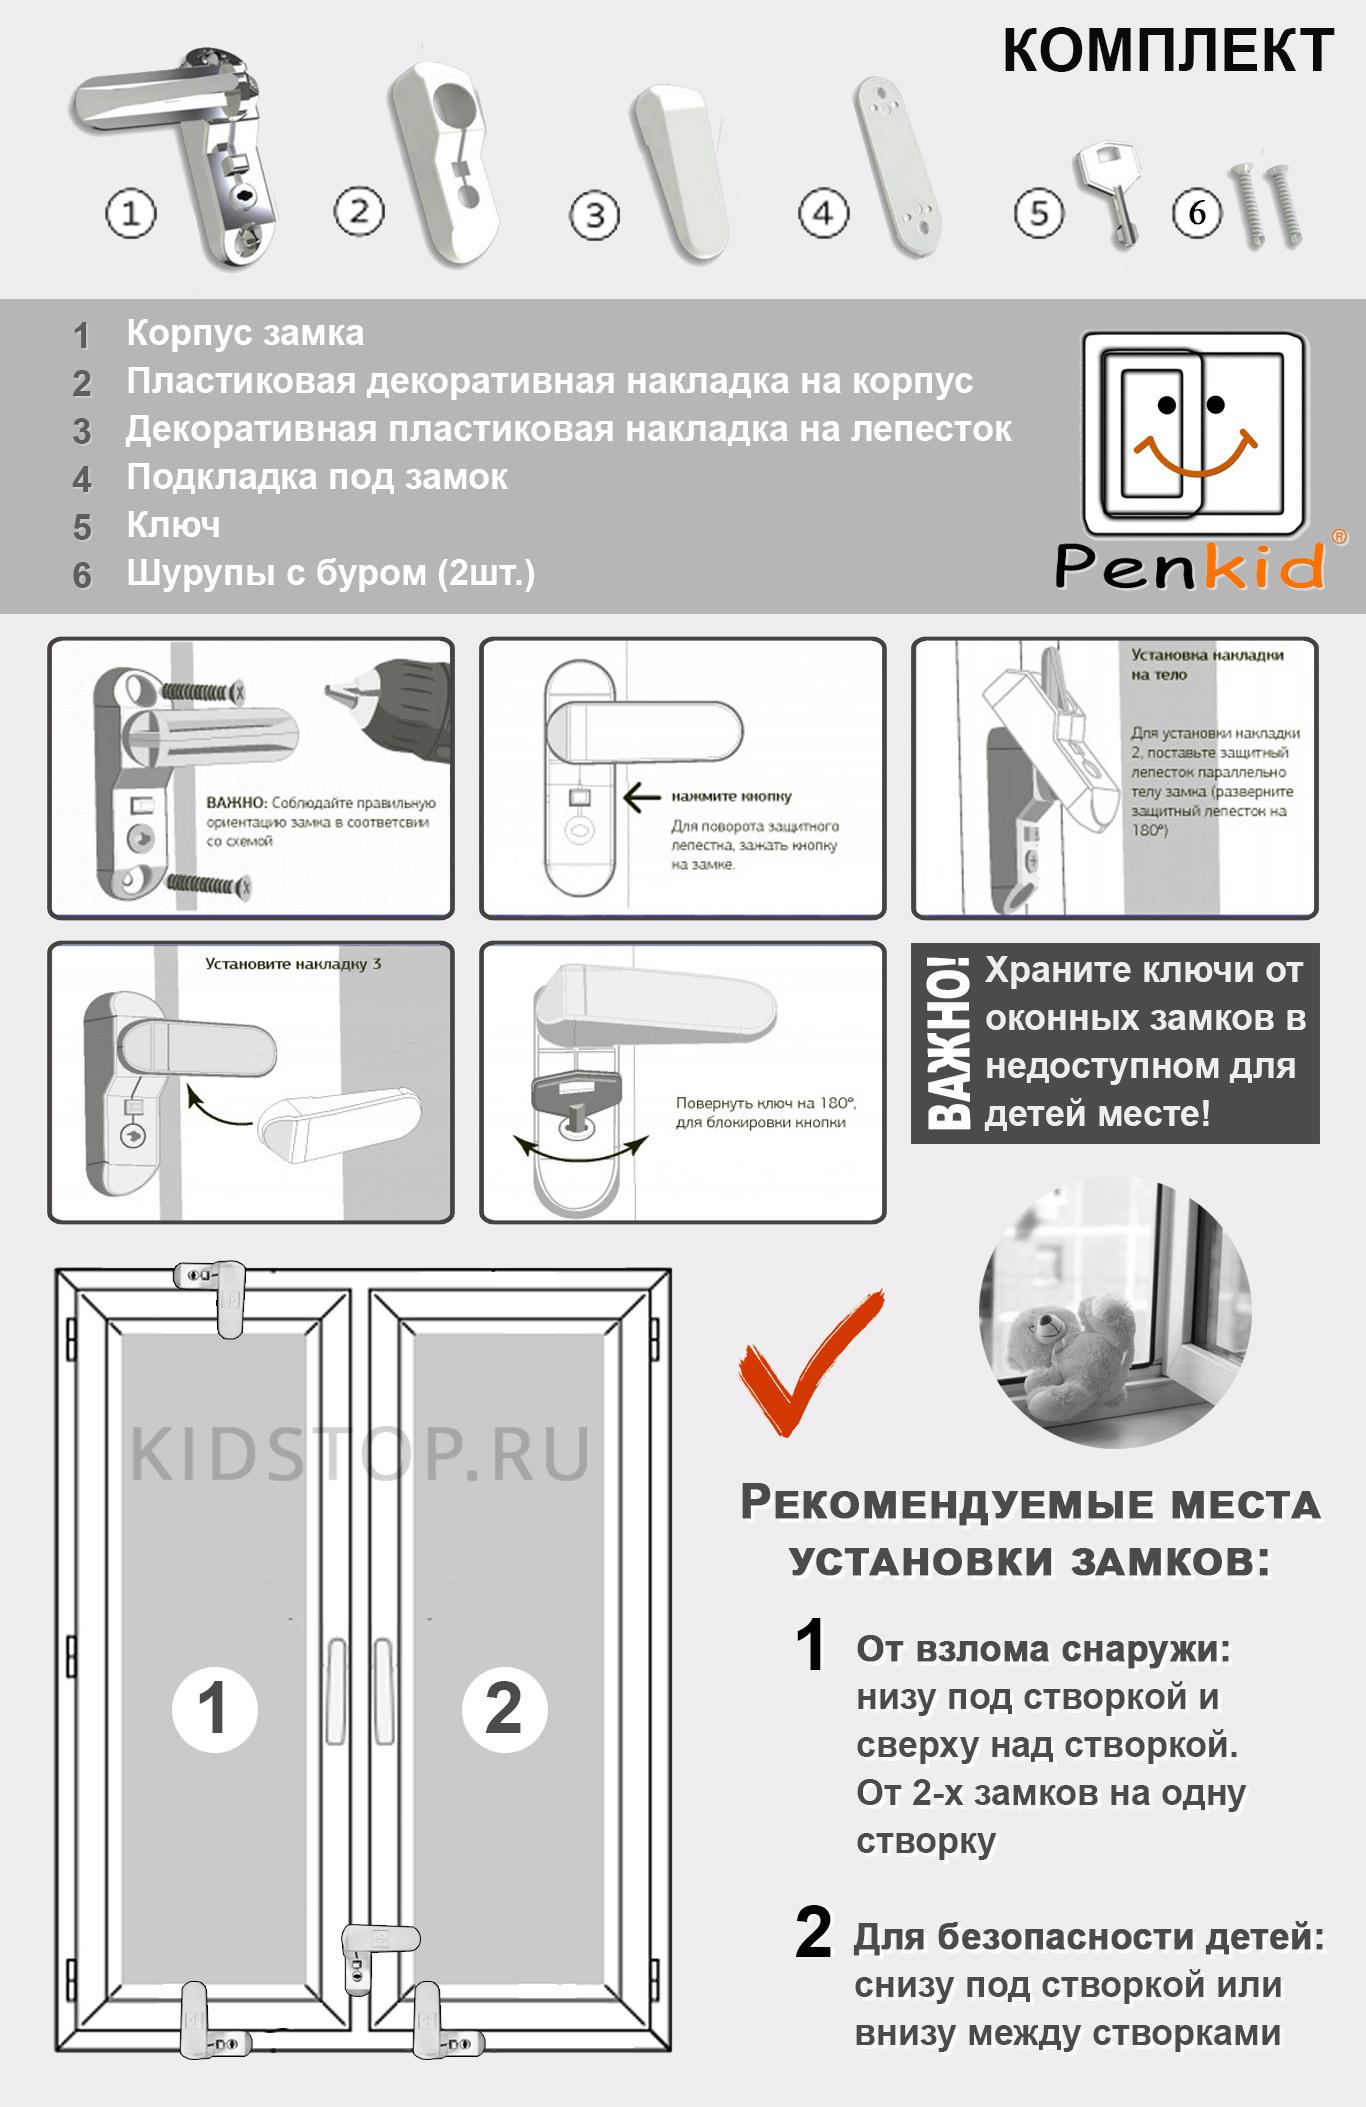 penkid sash lock информация о оконном замке